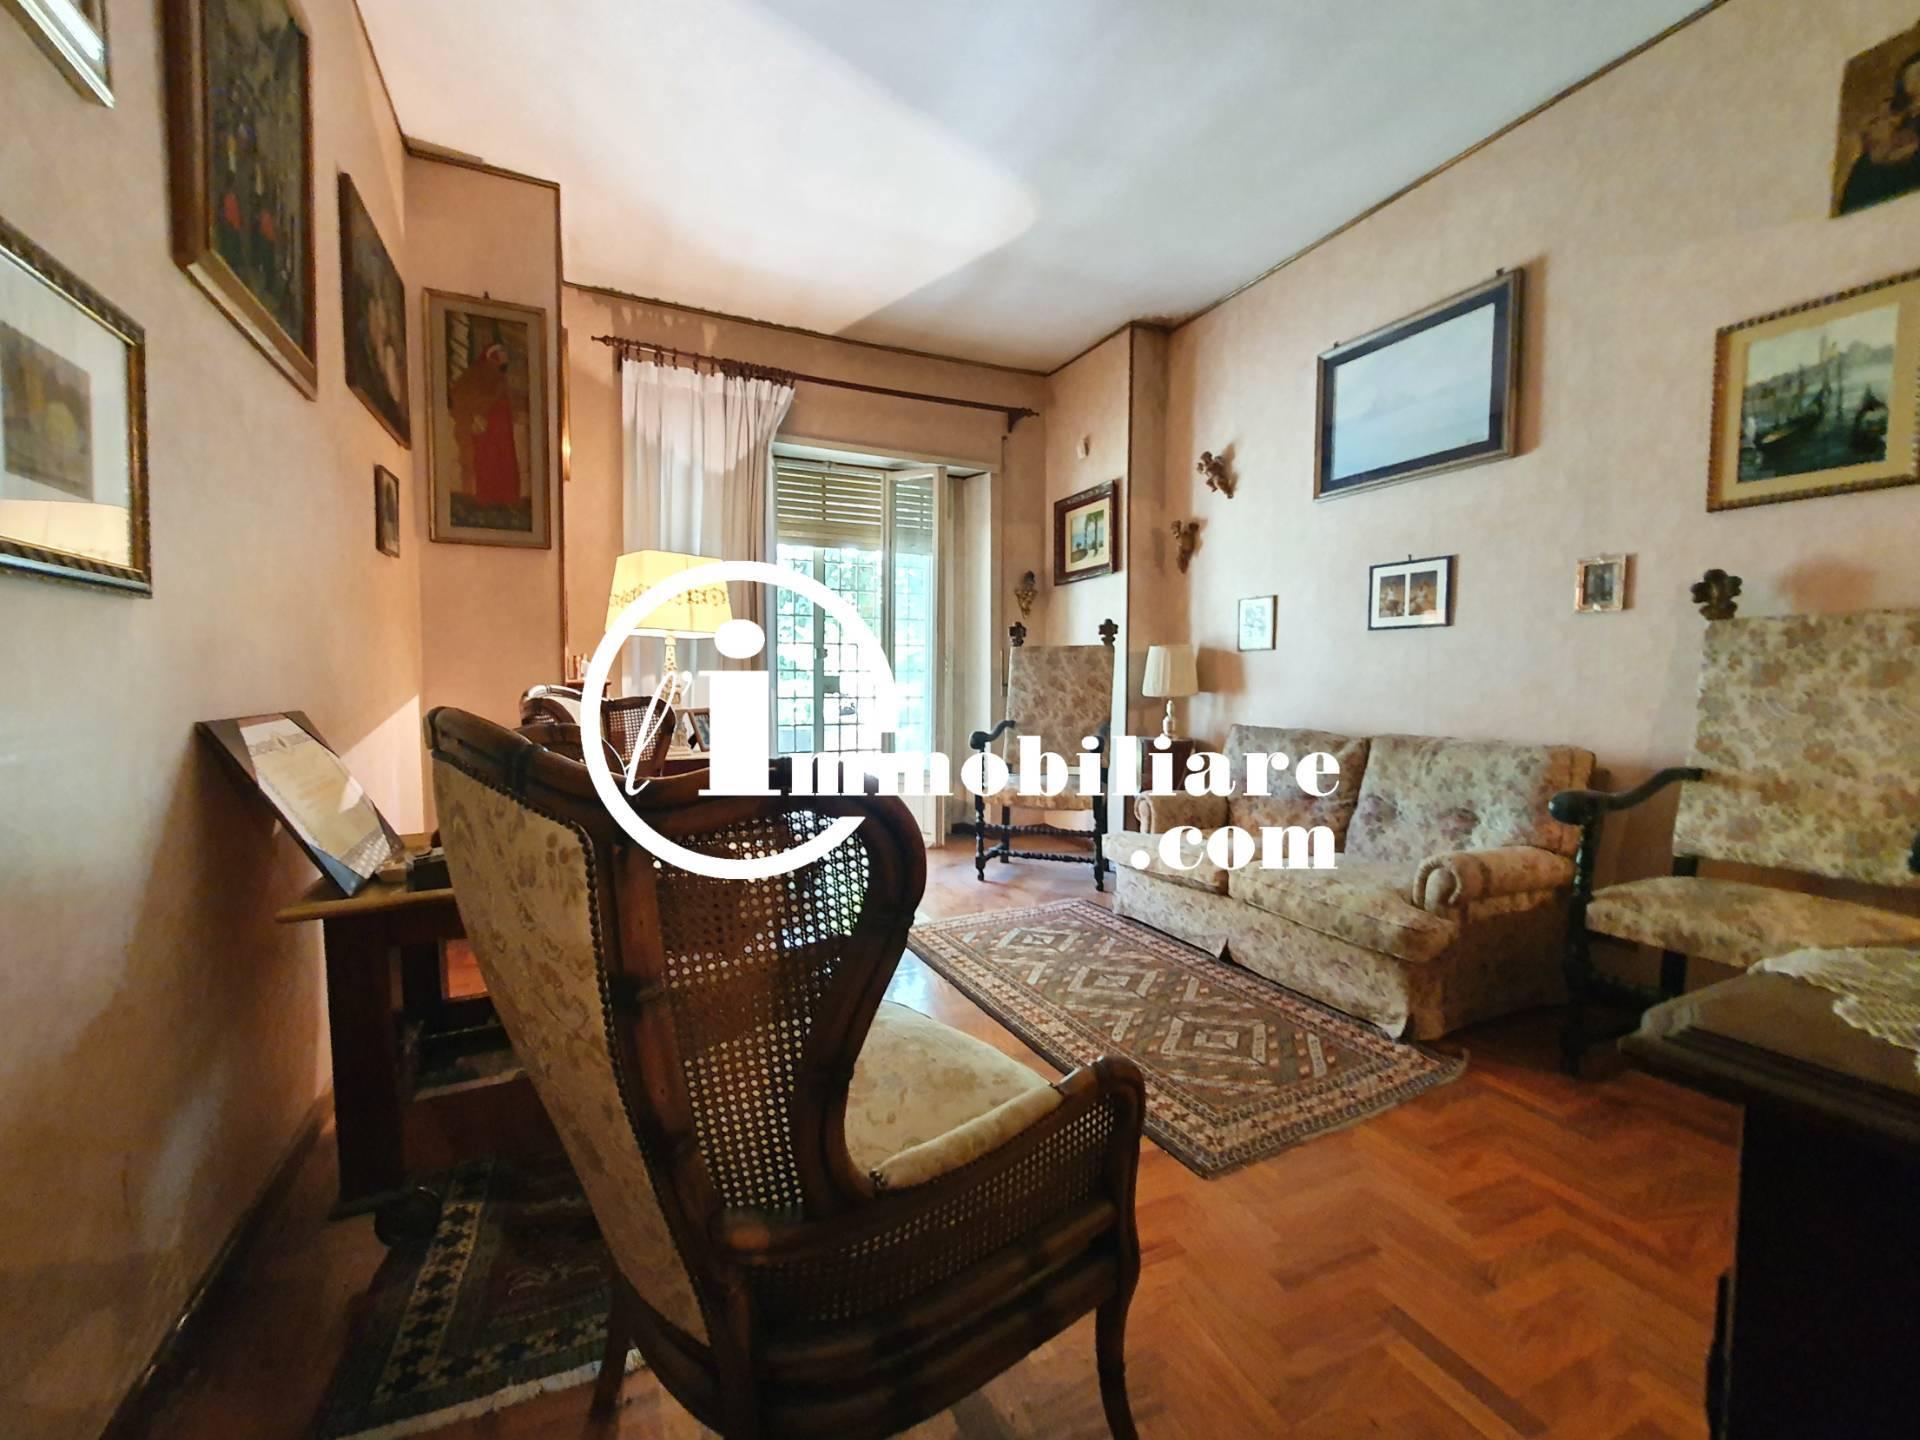 Appartamento in vendita a Roma, 3 locali, zona Località: MonteS., prezzo € 350.000 | CambioCasa.it